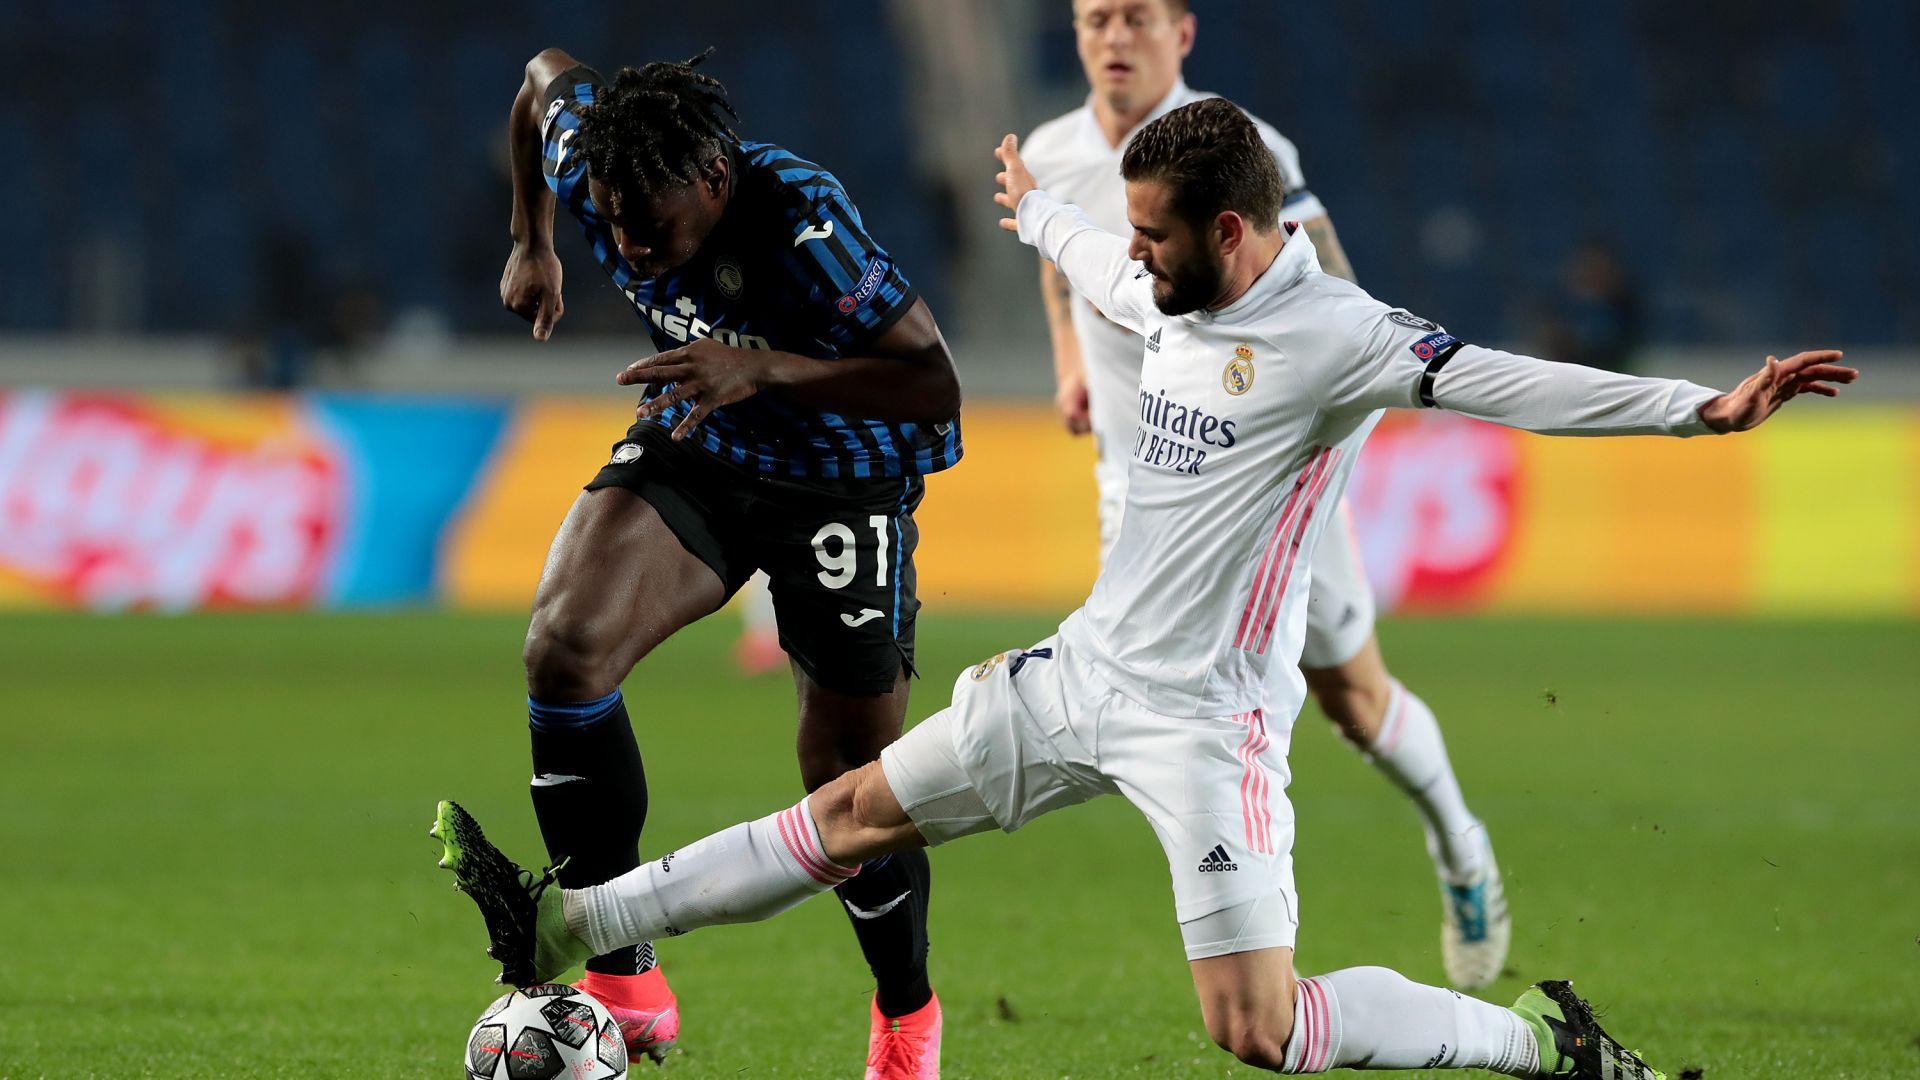 Реал се измъкна в Бергамо след рекордно бързо изгонване и късен гол